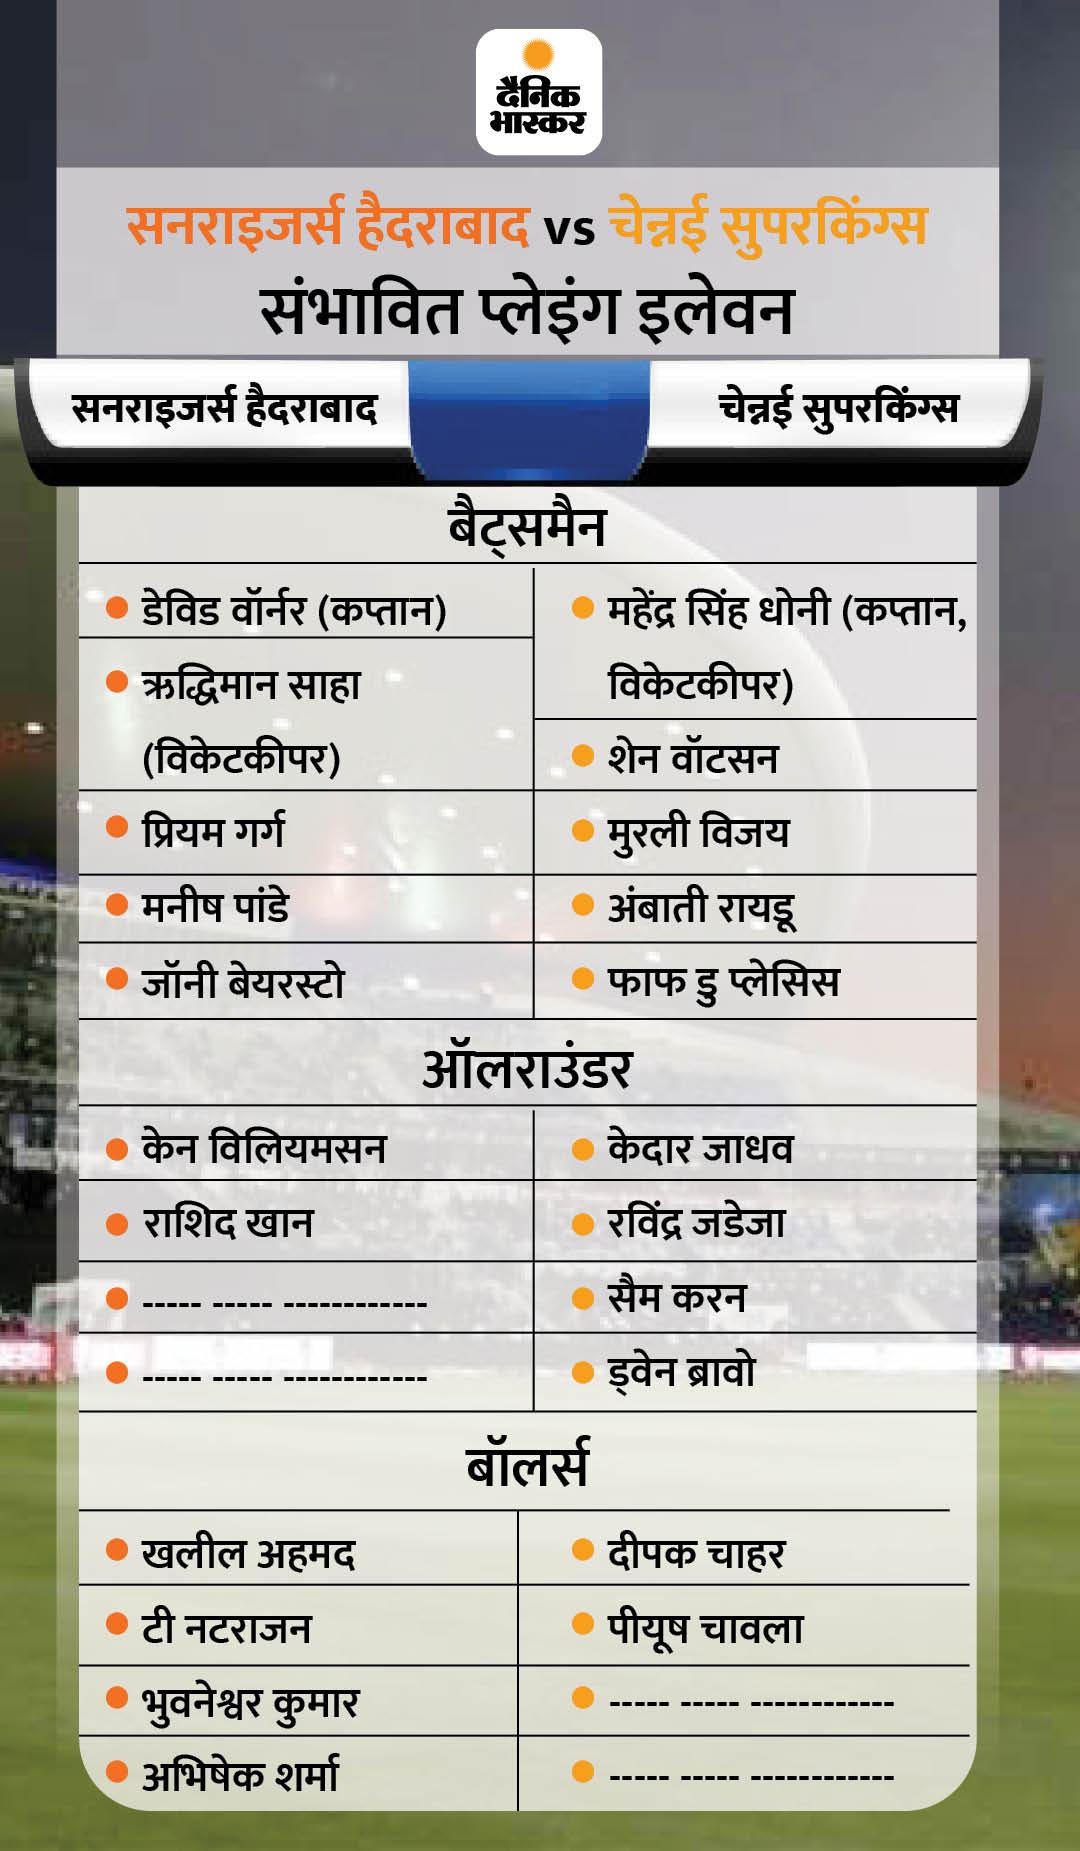 चेन्नई सुपर किंग्स में रायडू की वापसी संभव, ब्रावो के लिए मुश्किलें; सनराइजर्स हैदराबाद में विजय शंकर भी कमबैक कर सकते हैं